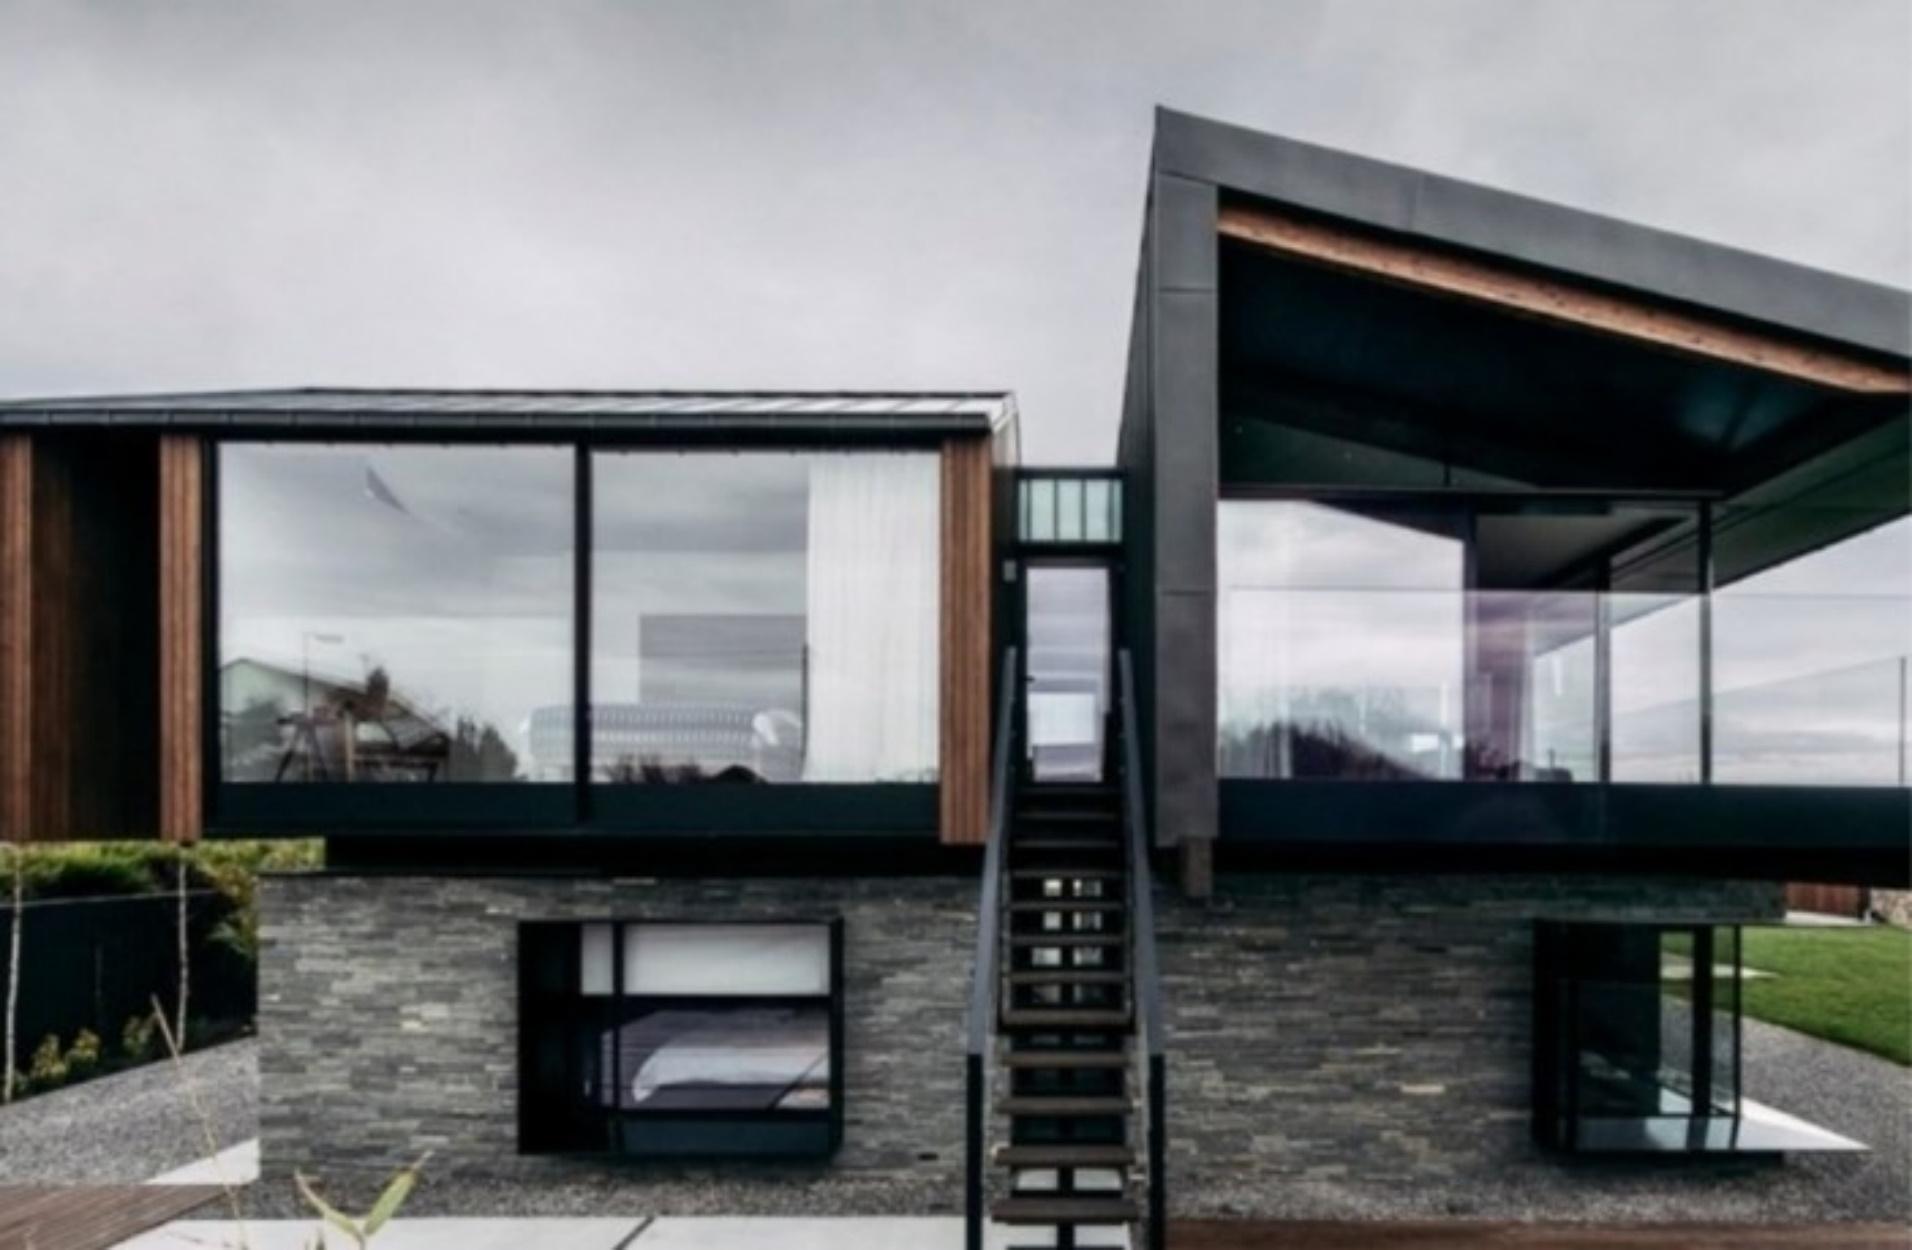 Το Silver House είναι κάτι παραπάνω από ένα απλό σπίτι